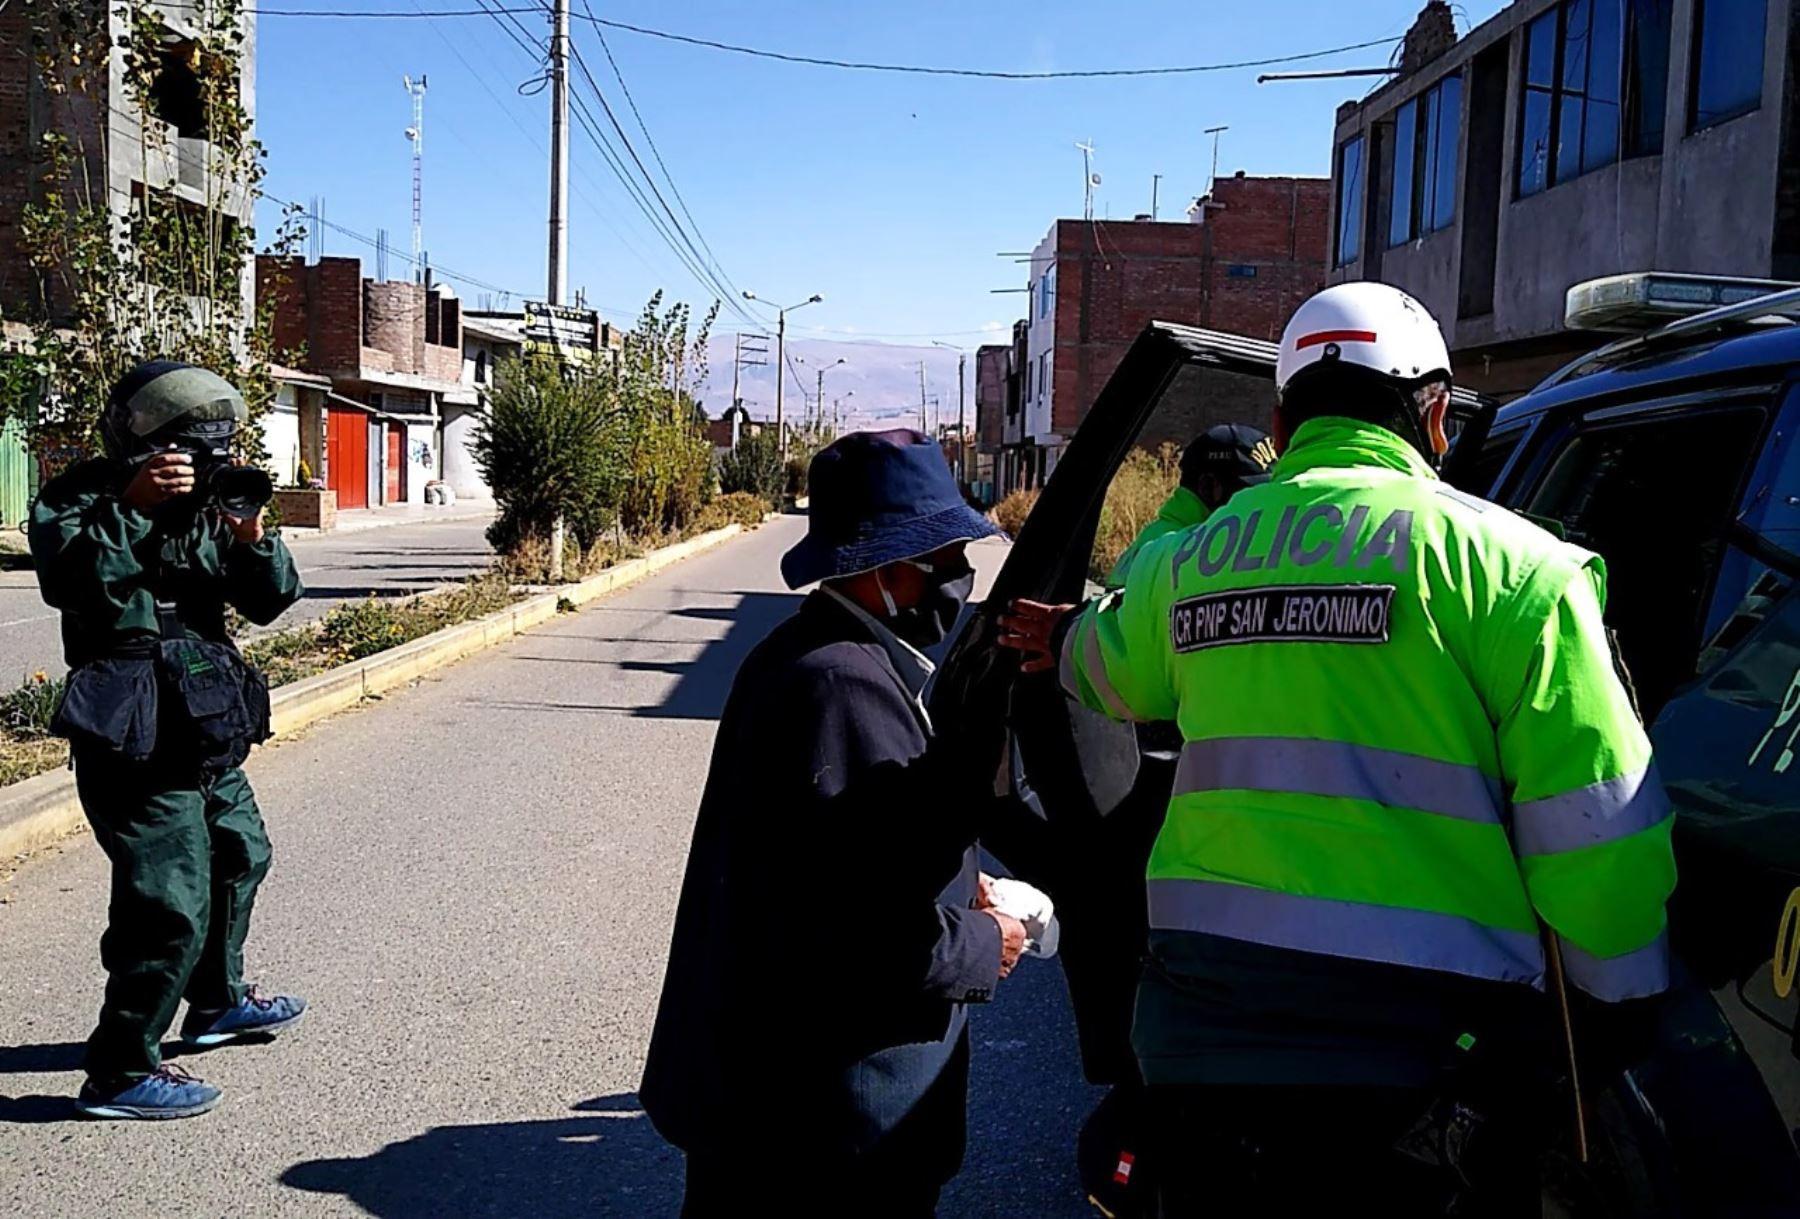 Policía de Huancayo detuvo a tres personas que querían celebrar fiesta patronal de San Pedro violando la medida de aislamiento social obligatorio decretado para evitar la propagación del coronavirus. ANDINA/Difusión